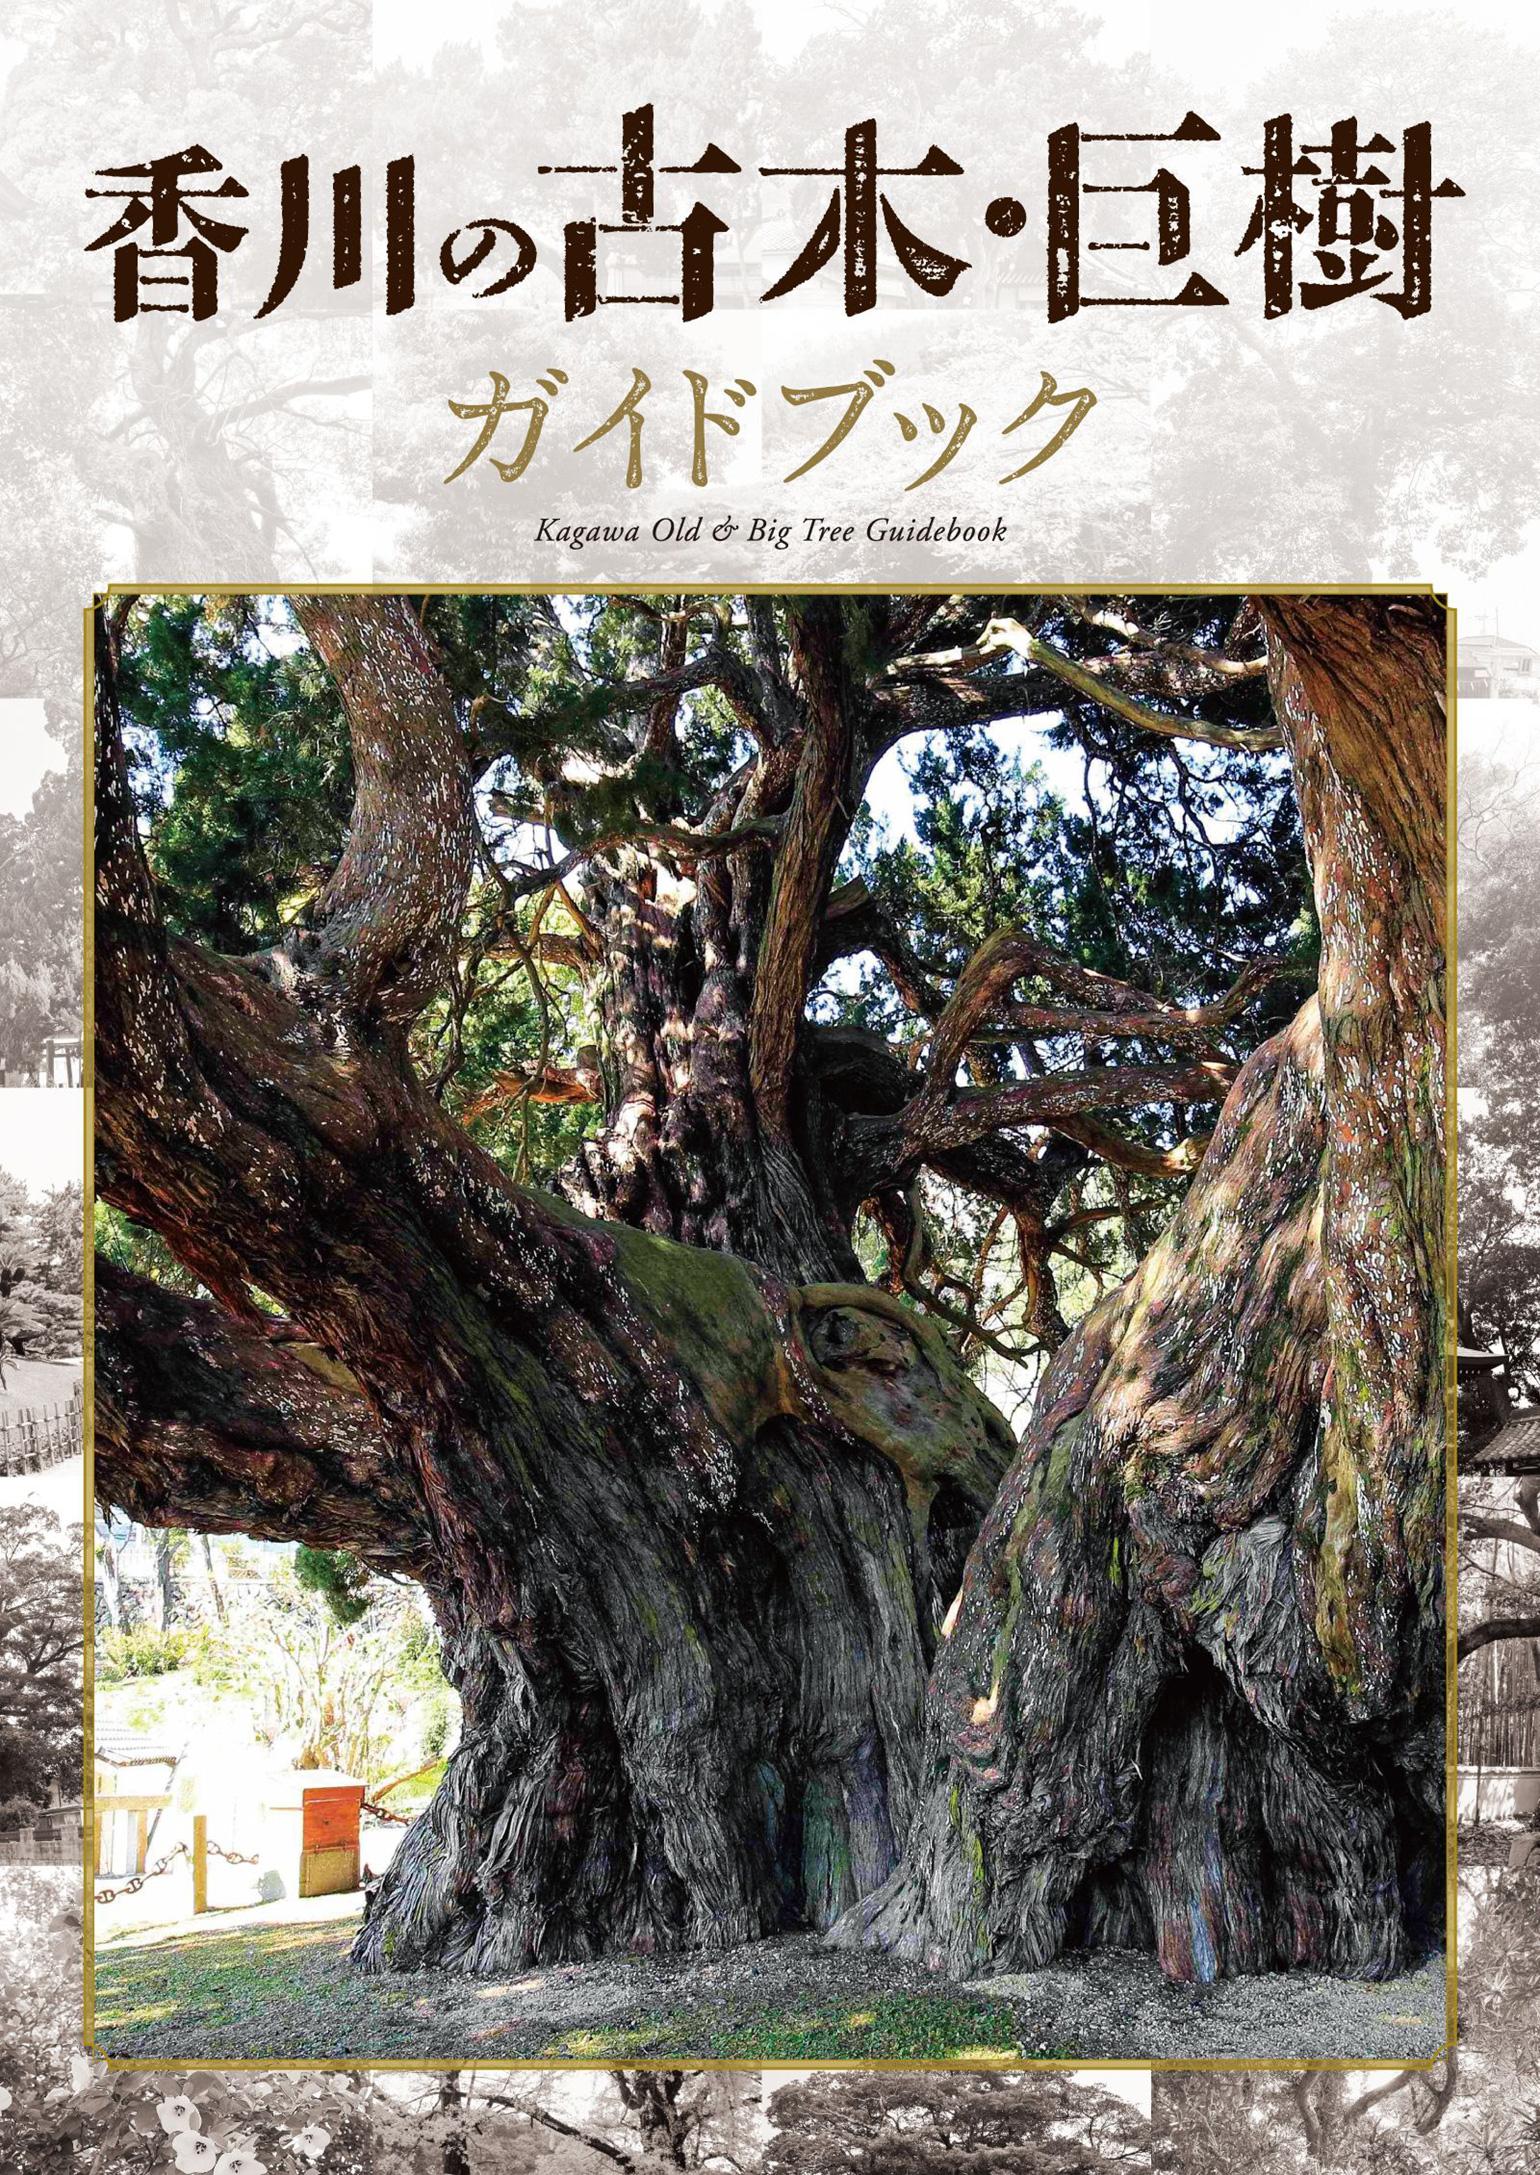 香川県,古木,巨樹,木